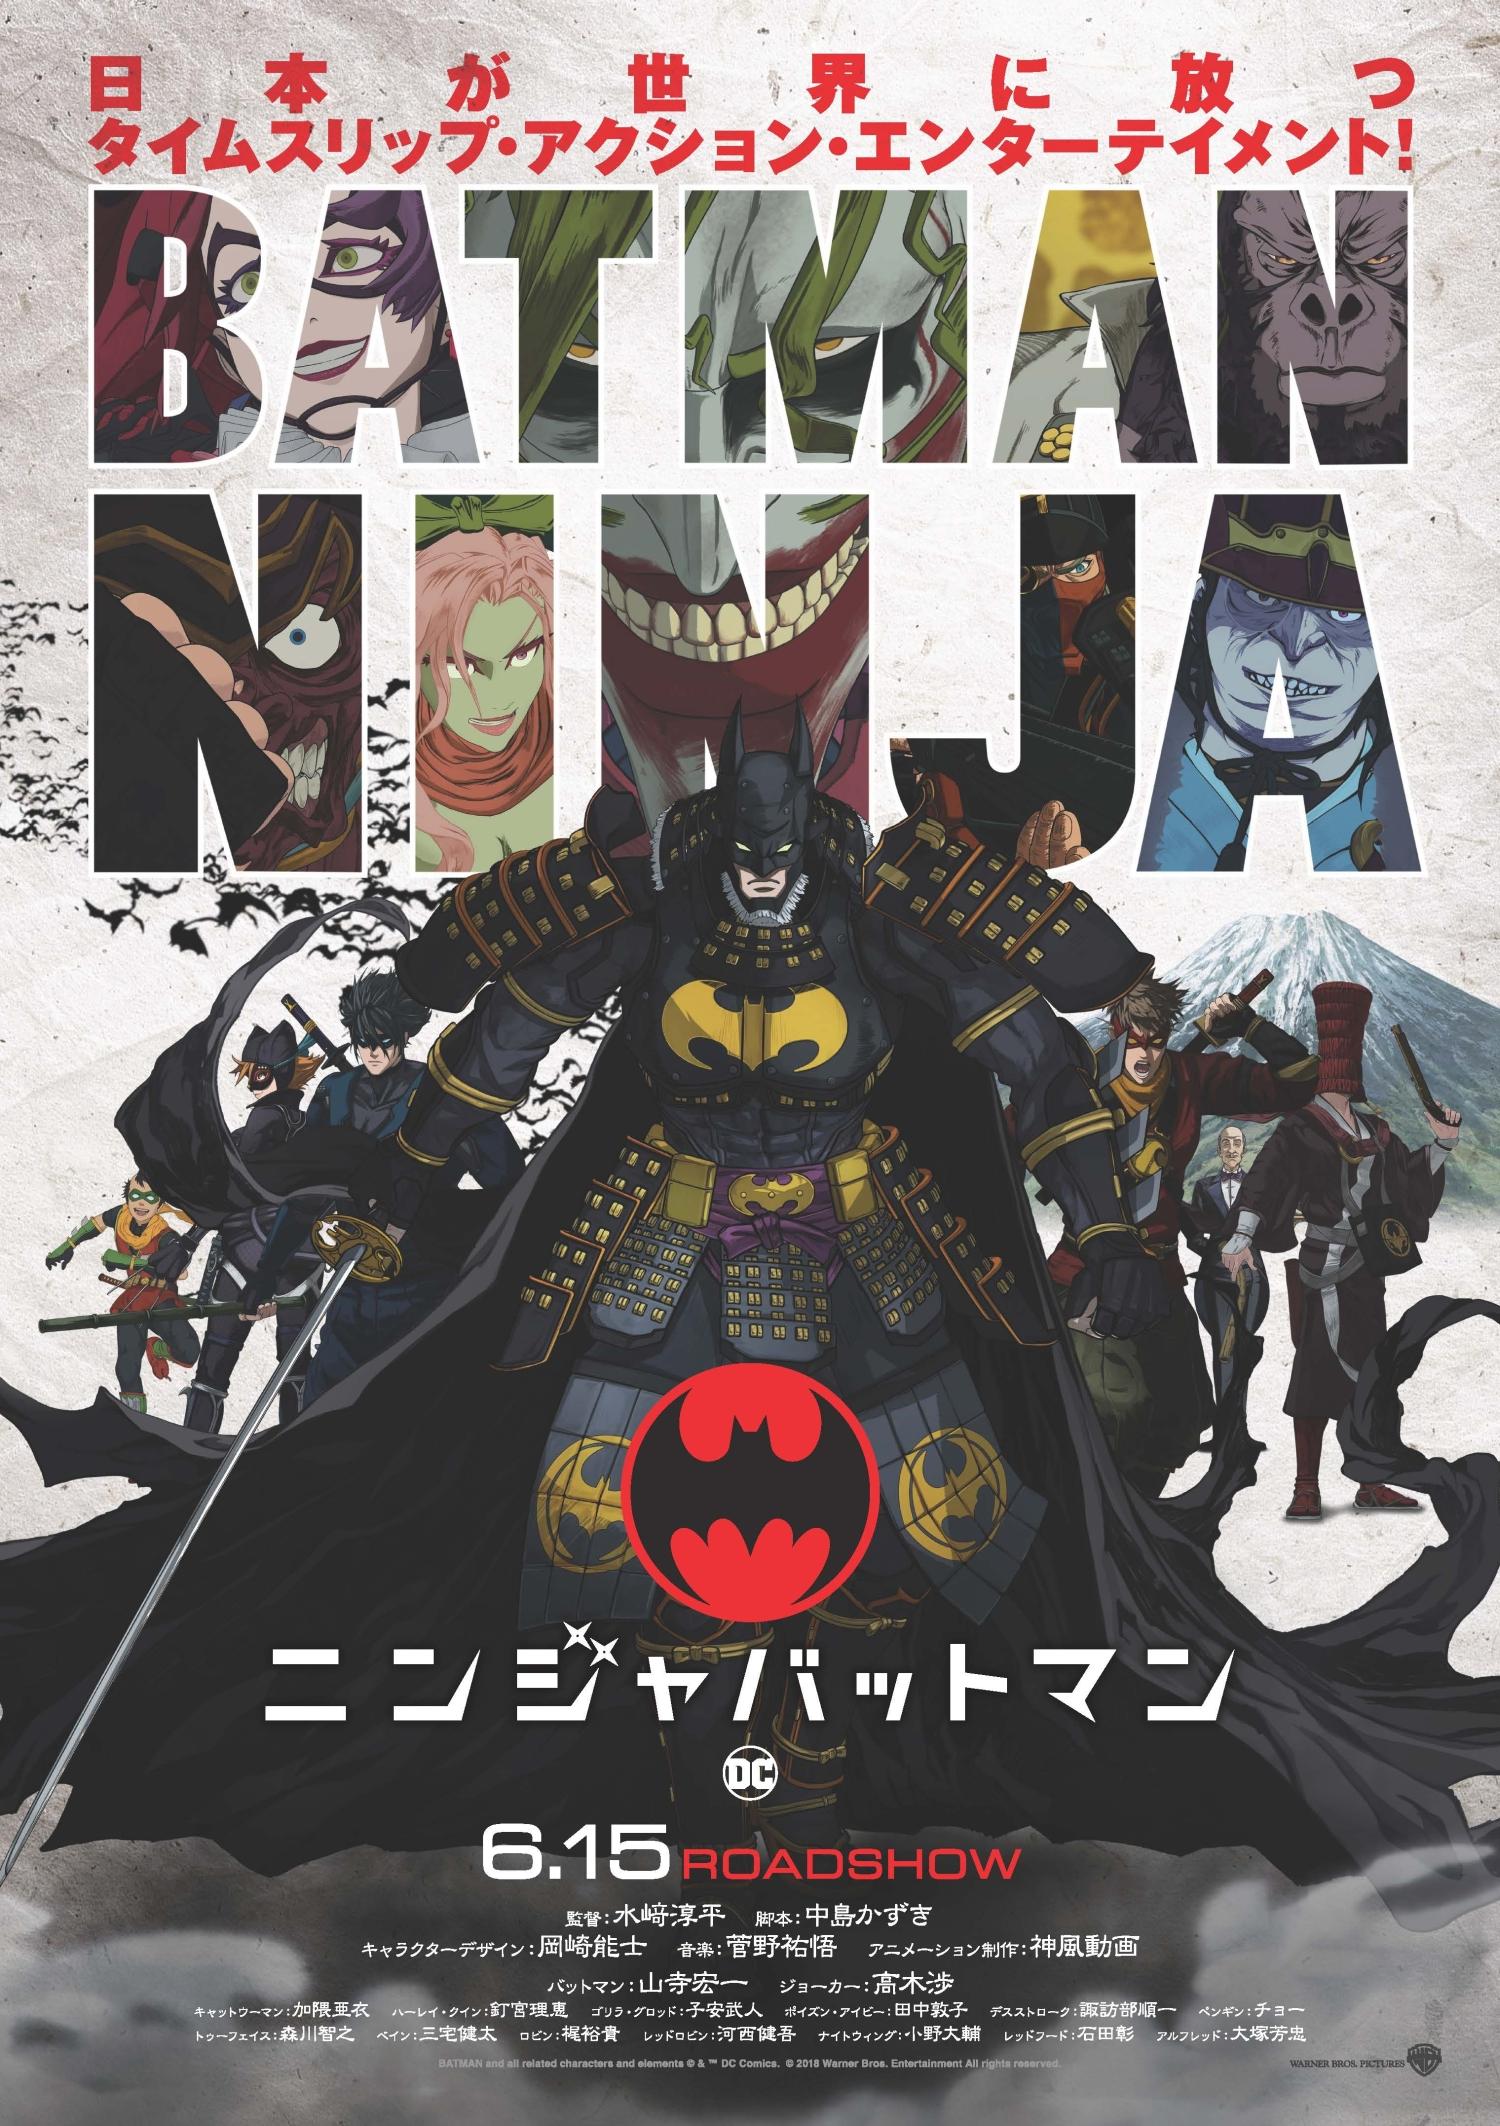 日本から世界へ放つ最強エンタメ! 監督・キャラクターデザイナーが解説! 映画「ニンジャバットマン」のクリエイティブ